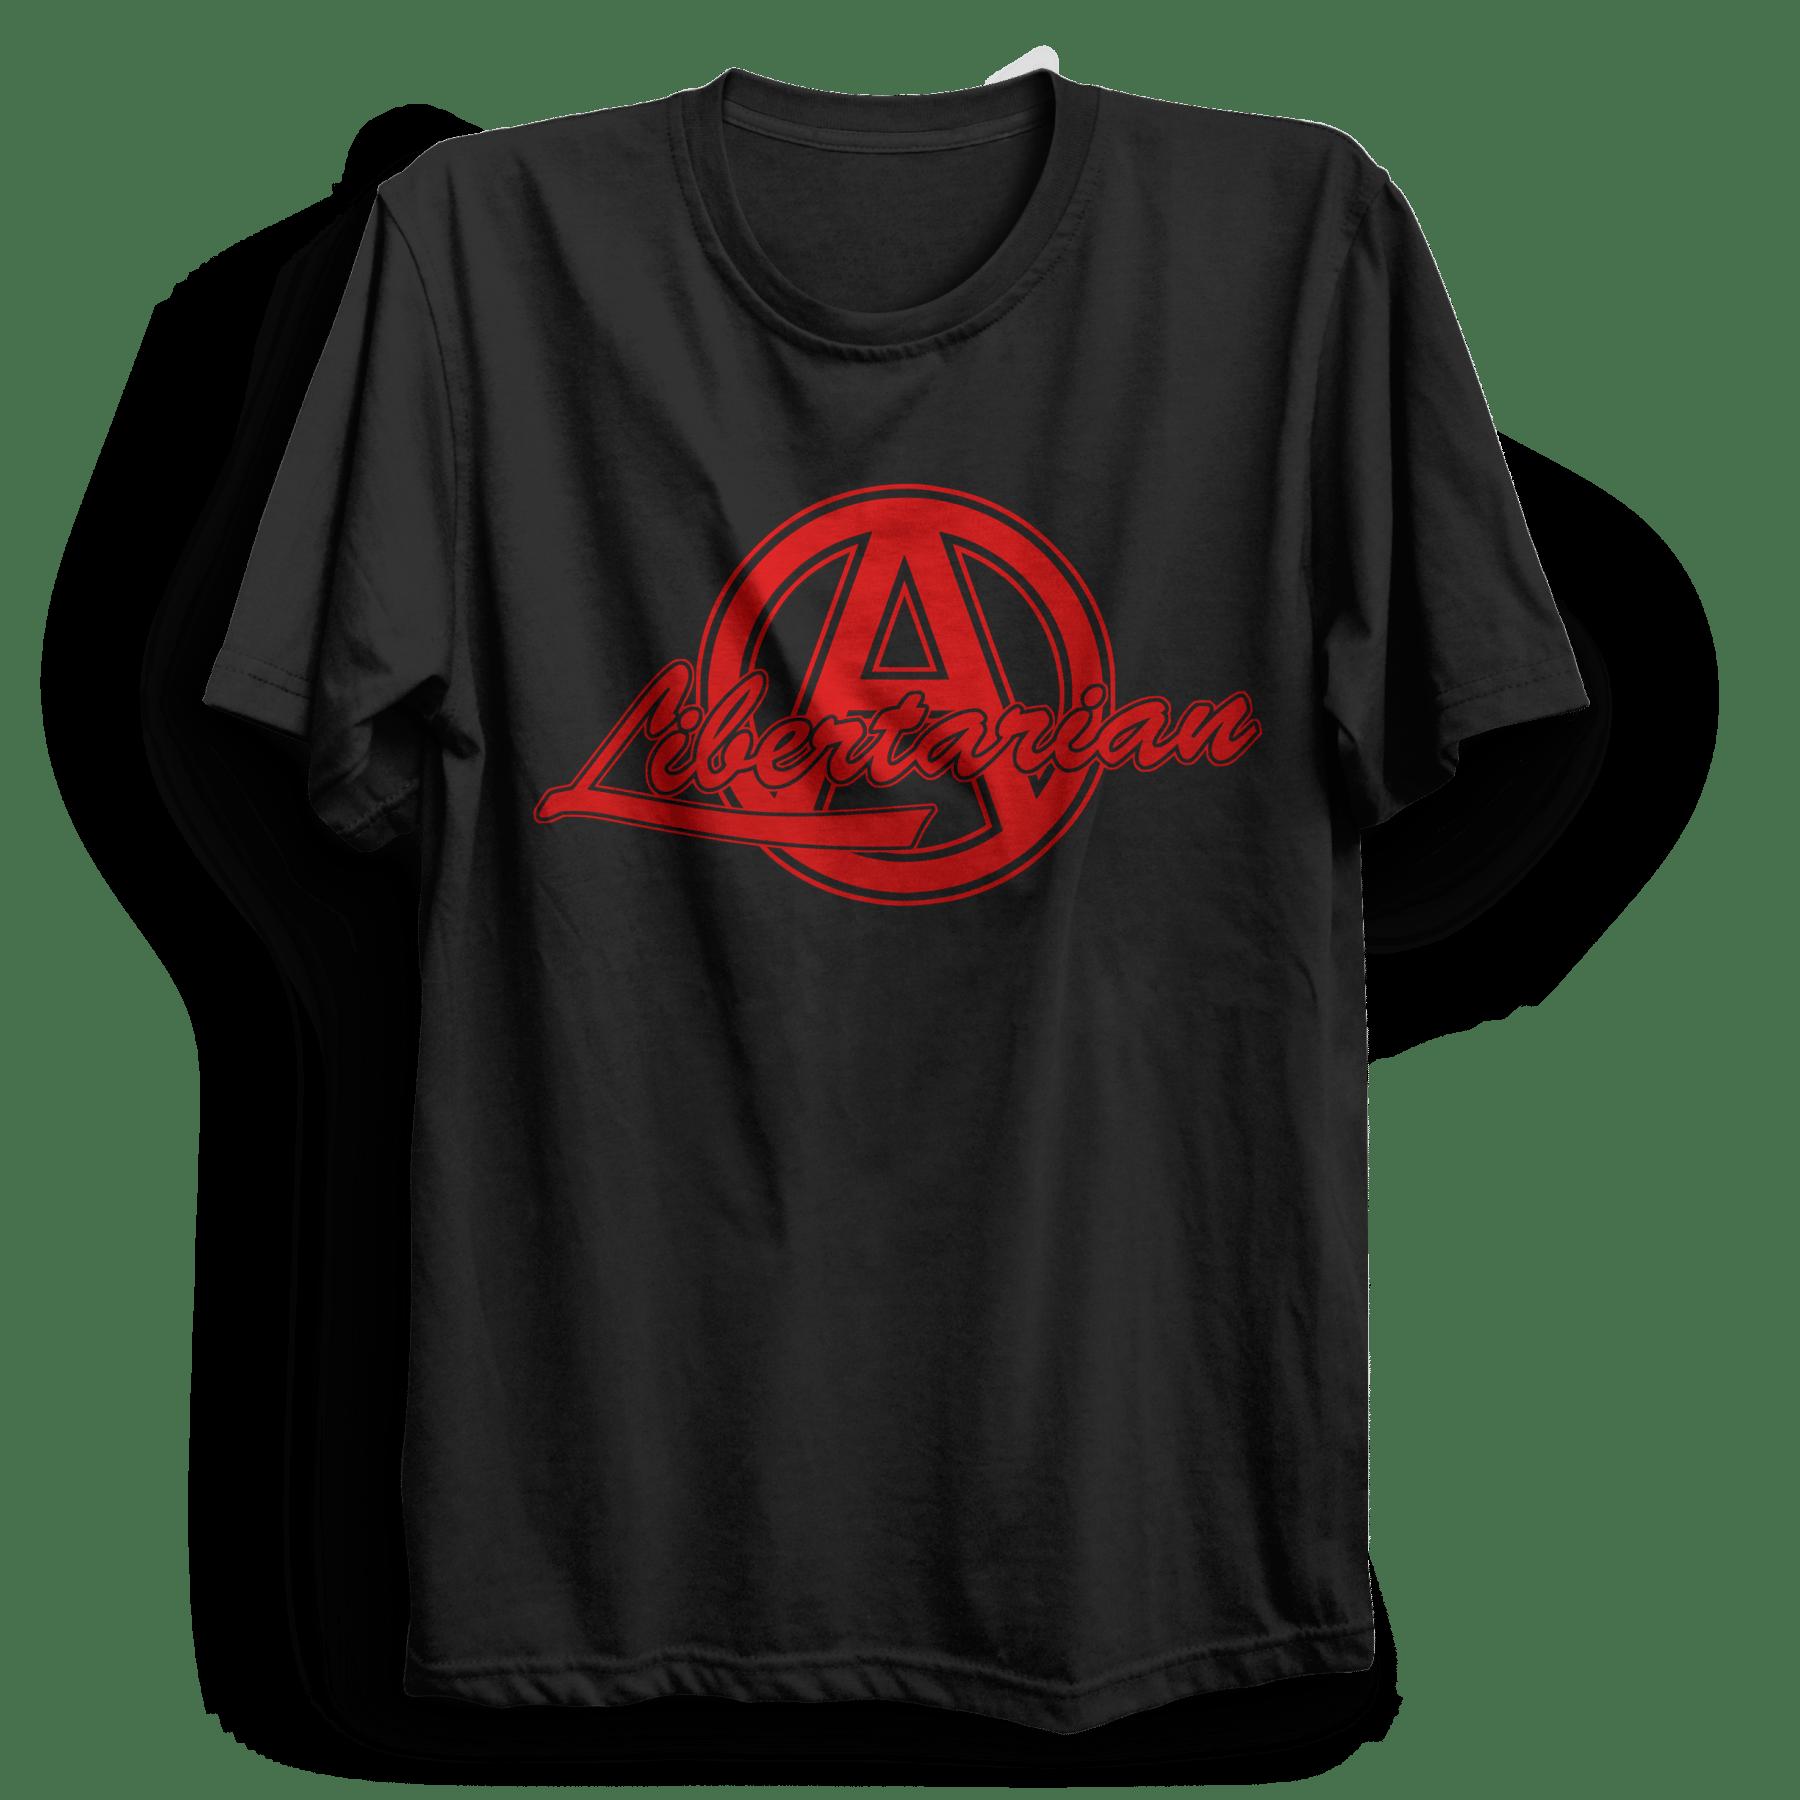 63026edf3b9b63 Libertarian T-Shirt - PUNX.UK